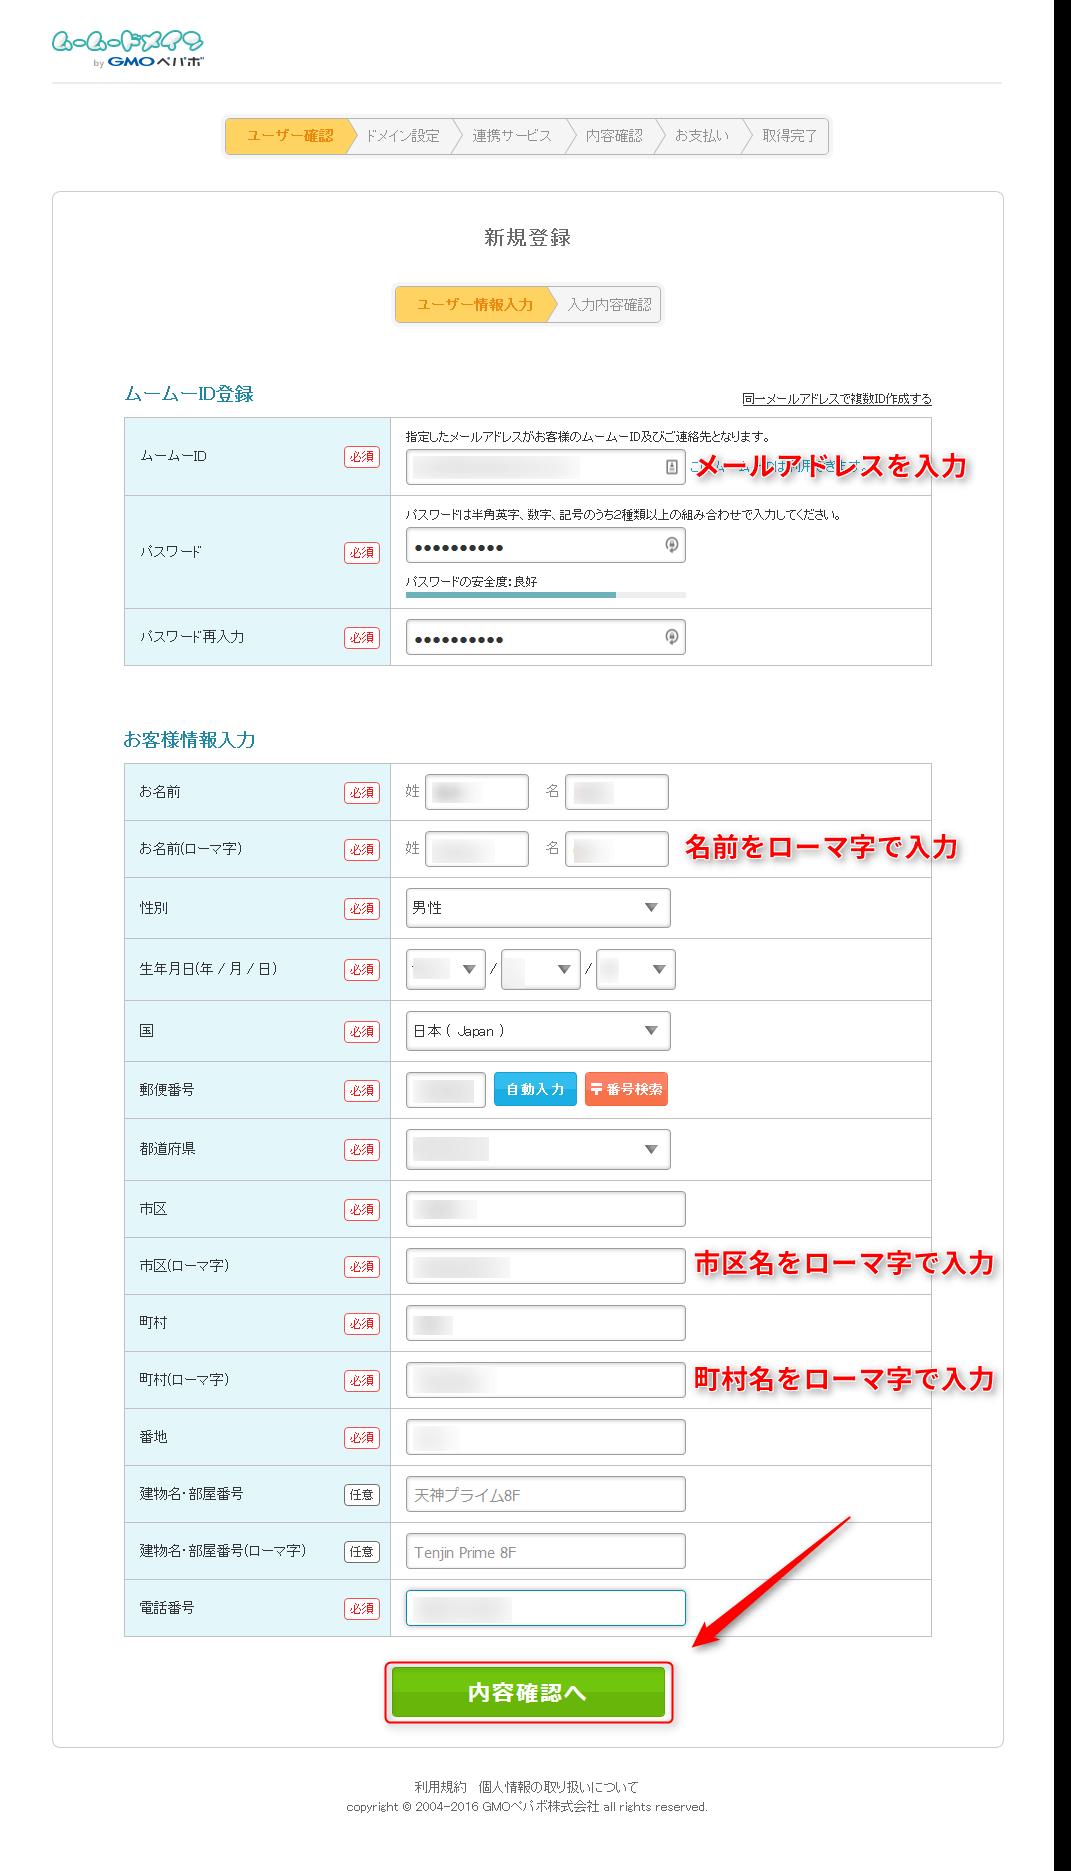 登録情報の入力画面